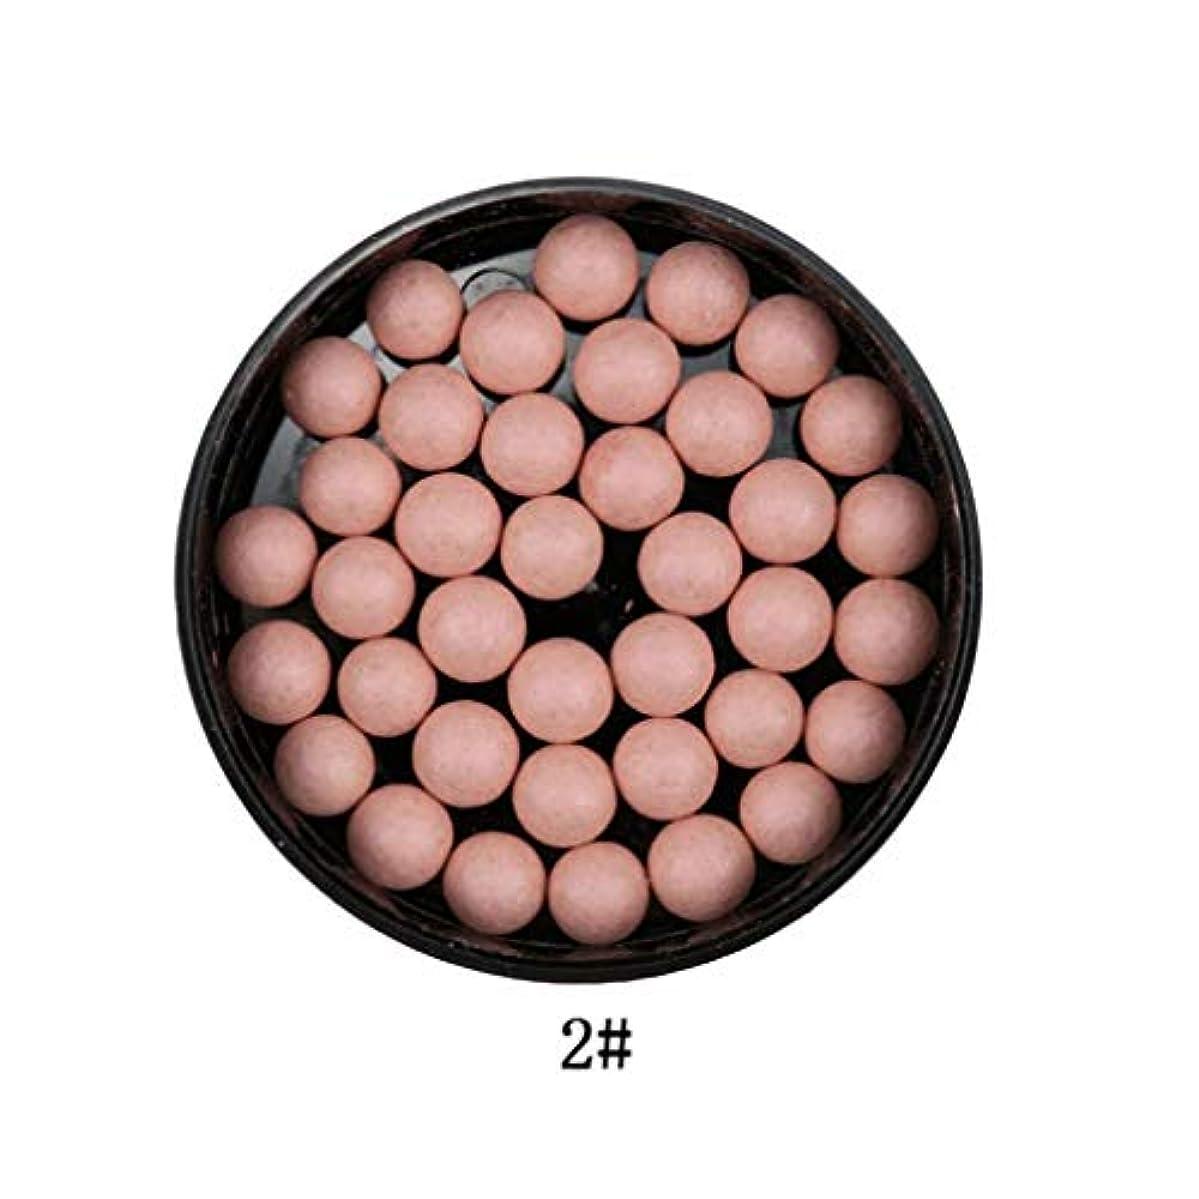 関係する違うアッパー3では1ポータブルブラッシュロングラスティング顔料マットナチュラルフェイスブラッシュボールオイルコントロール輪郭ブラッシュブロンザー